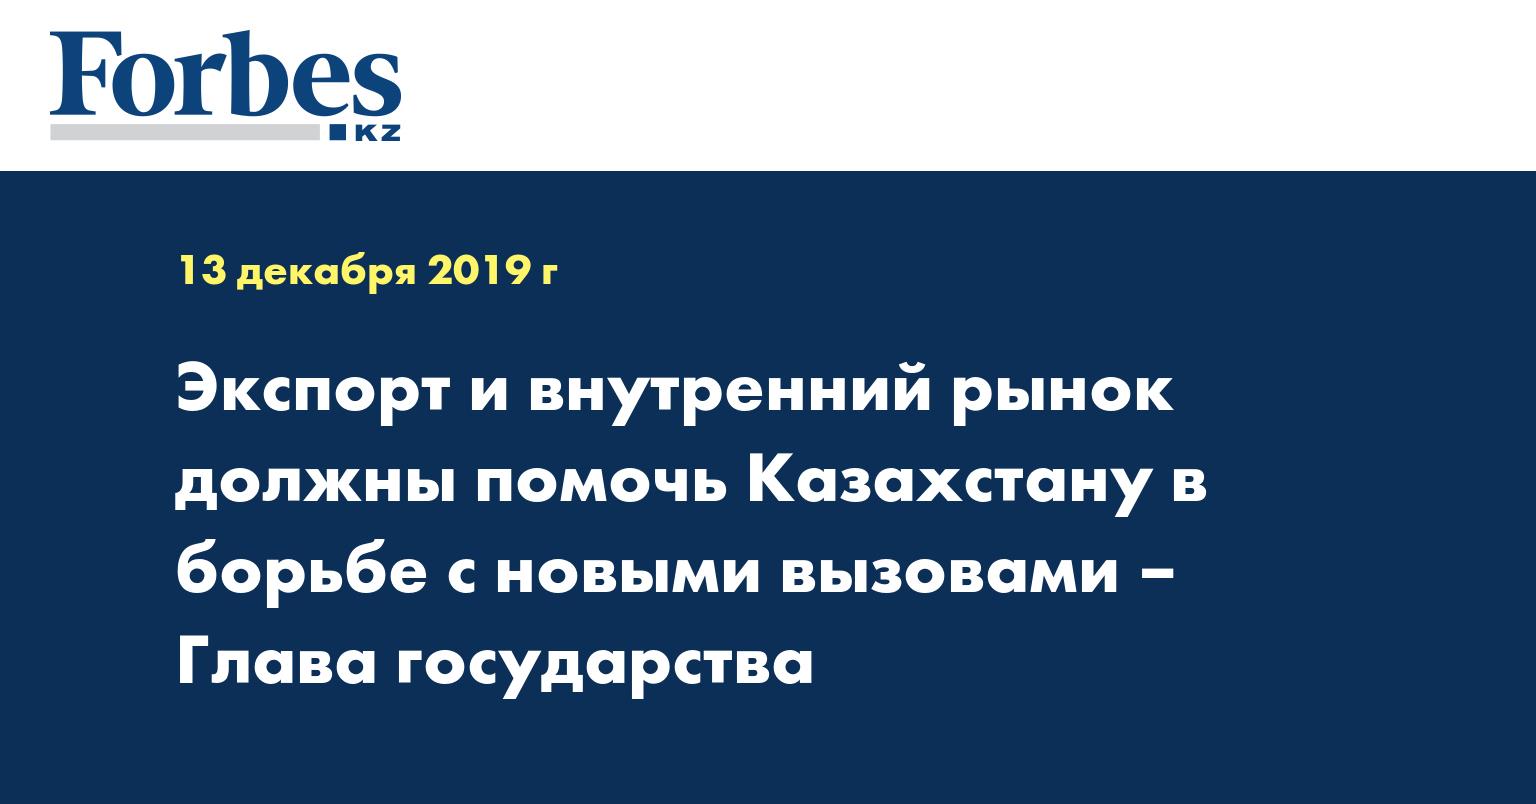 Экспорт и внутренний рынок должны помочь Казахстану в борьбе с новыми вызовами –  Глава государства